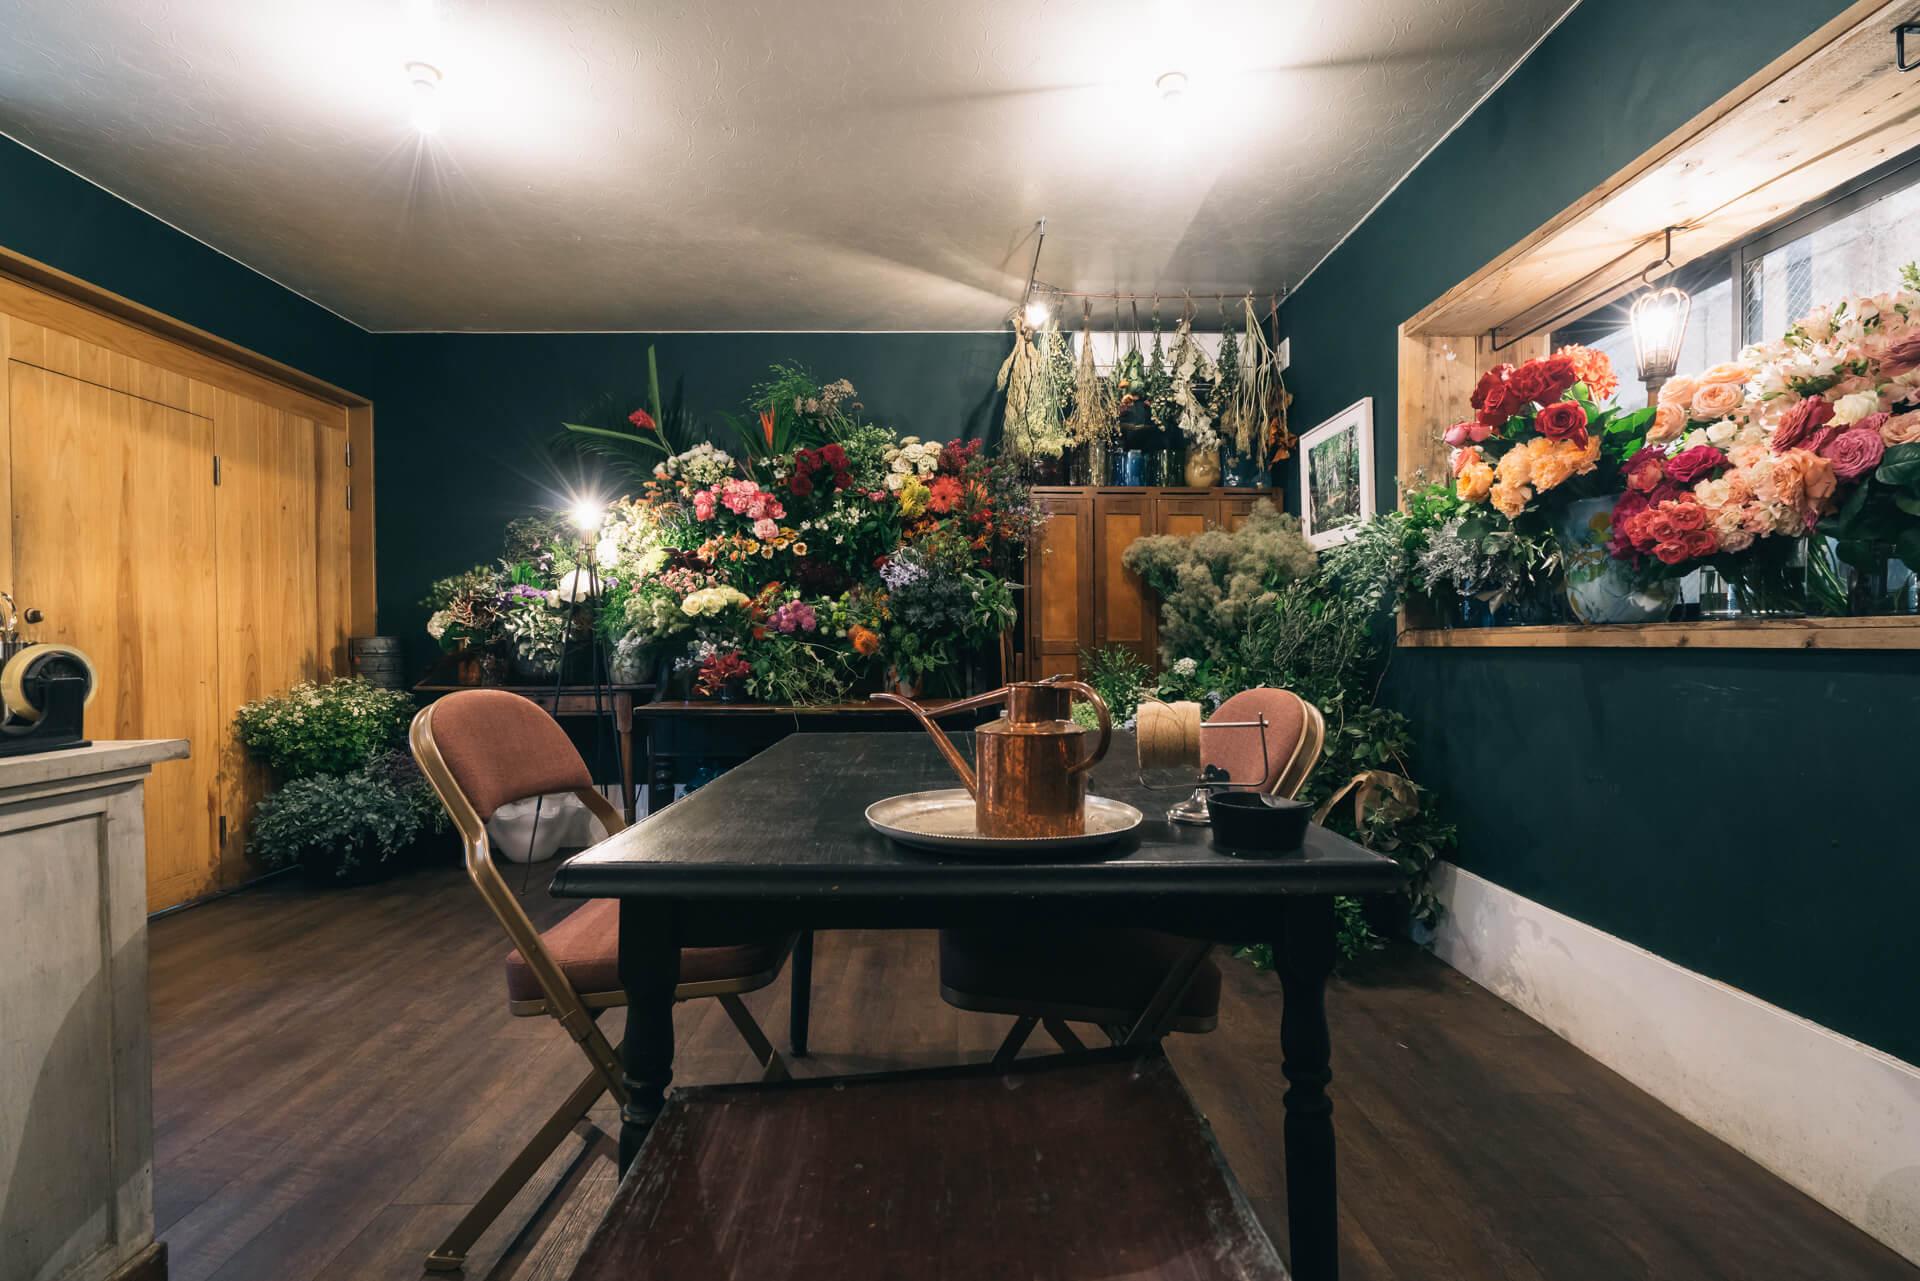 ヴィンテージの家具にたくさんの花が咲き誇る、秘密の隠れ家のような空間でした。